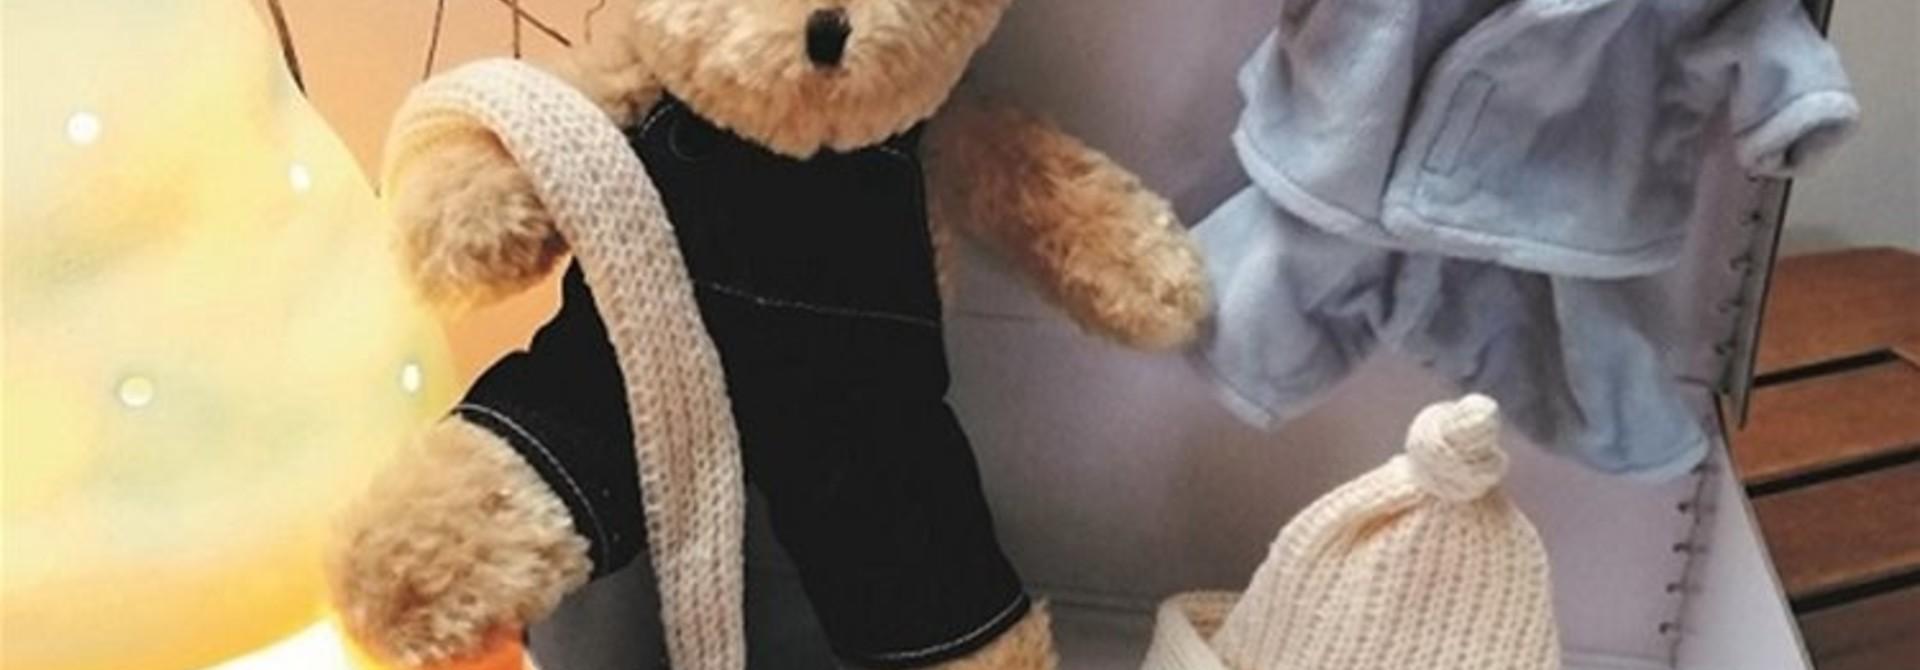 Morris met kleding in koffer